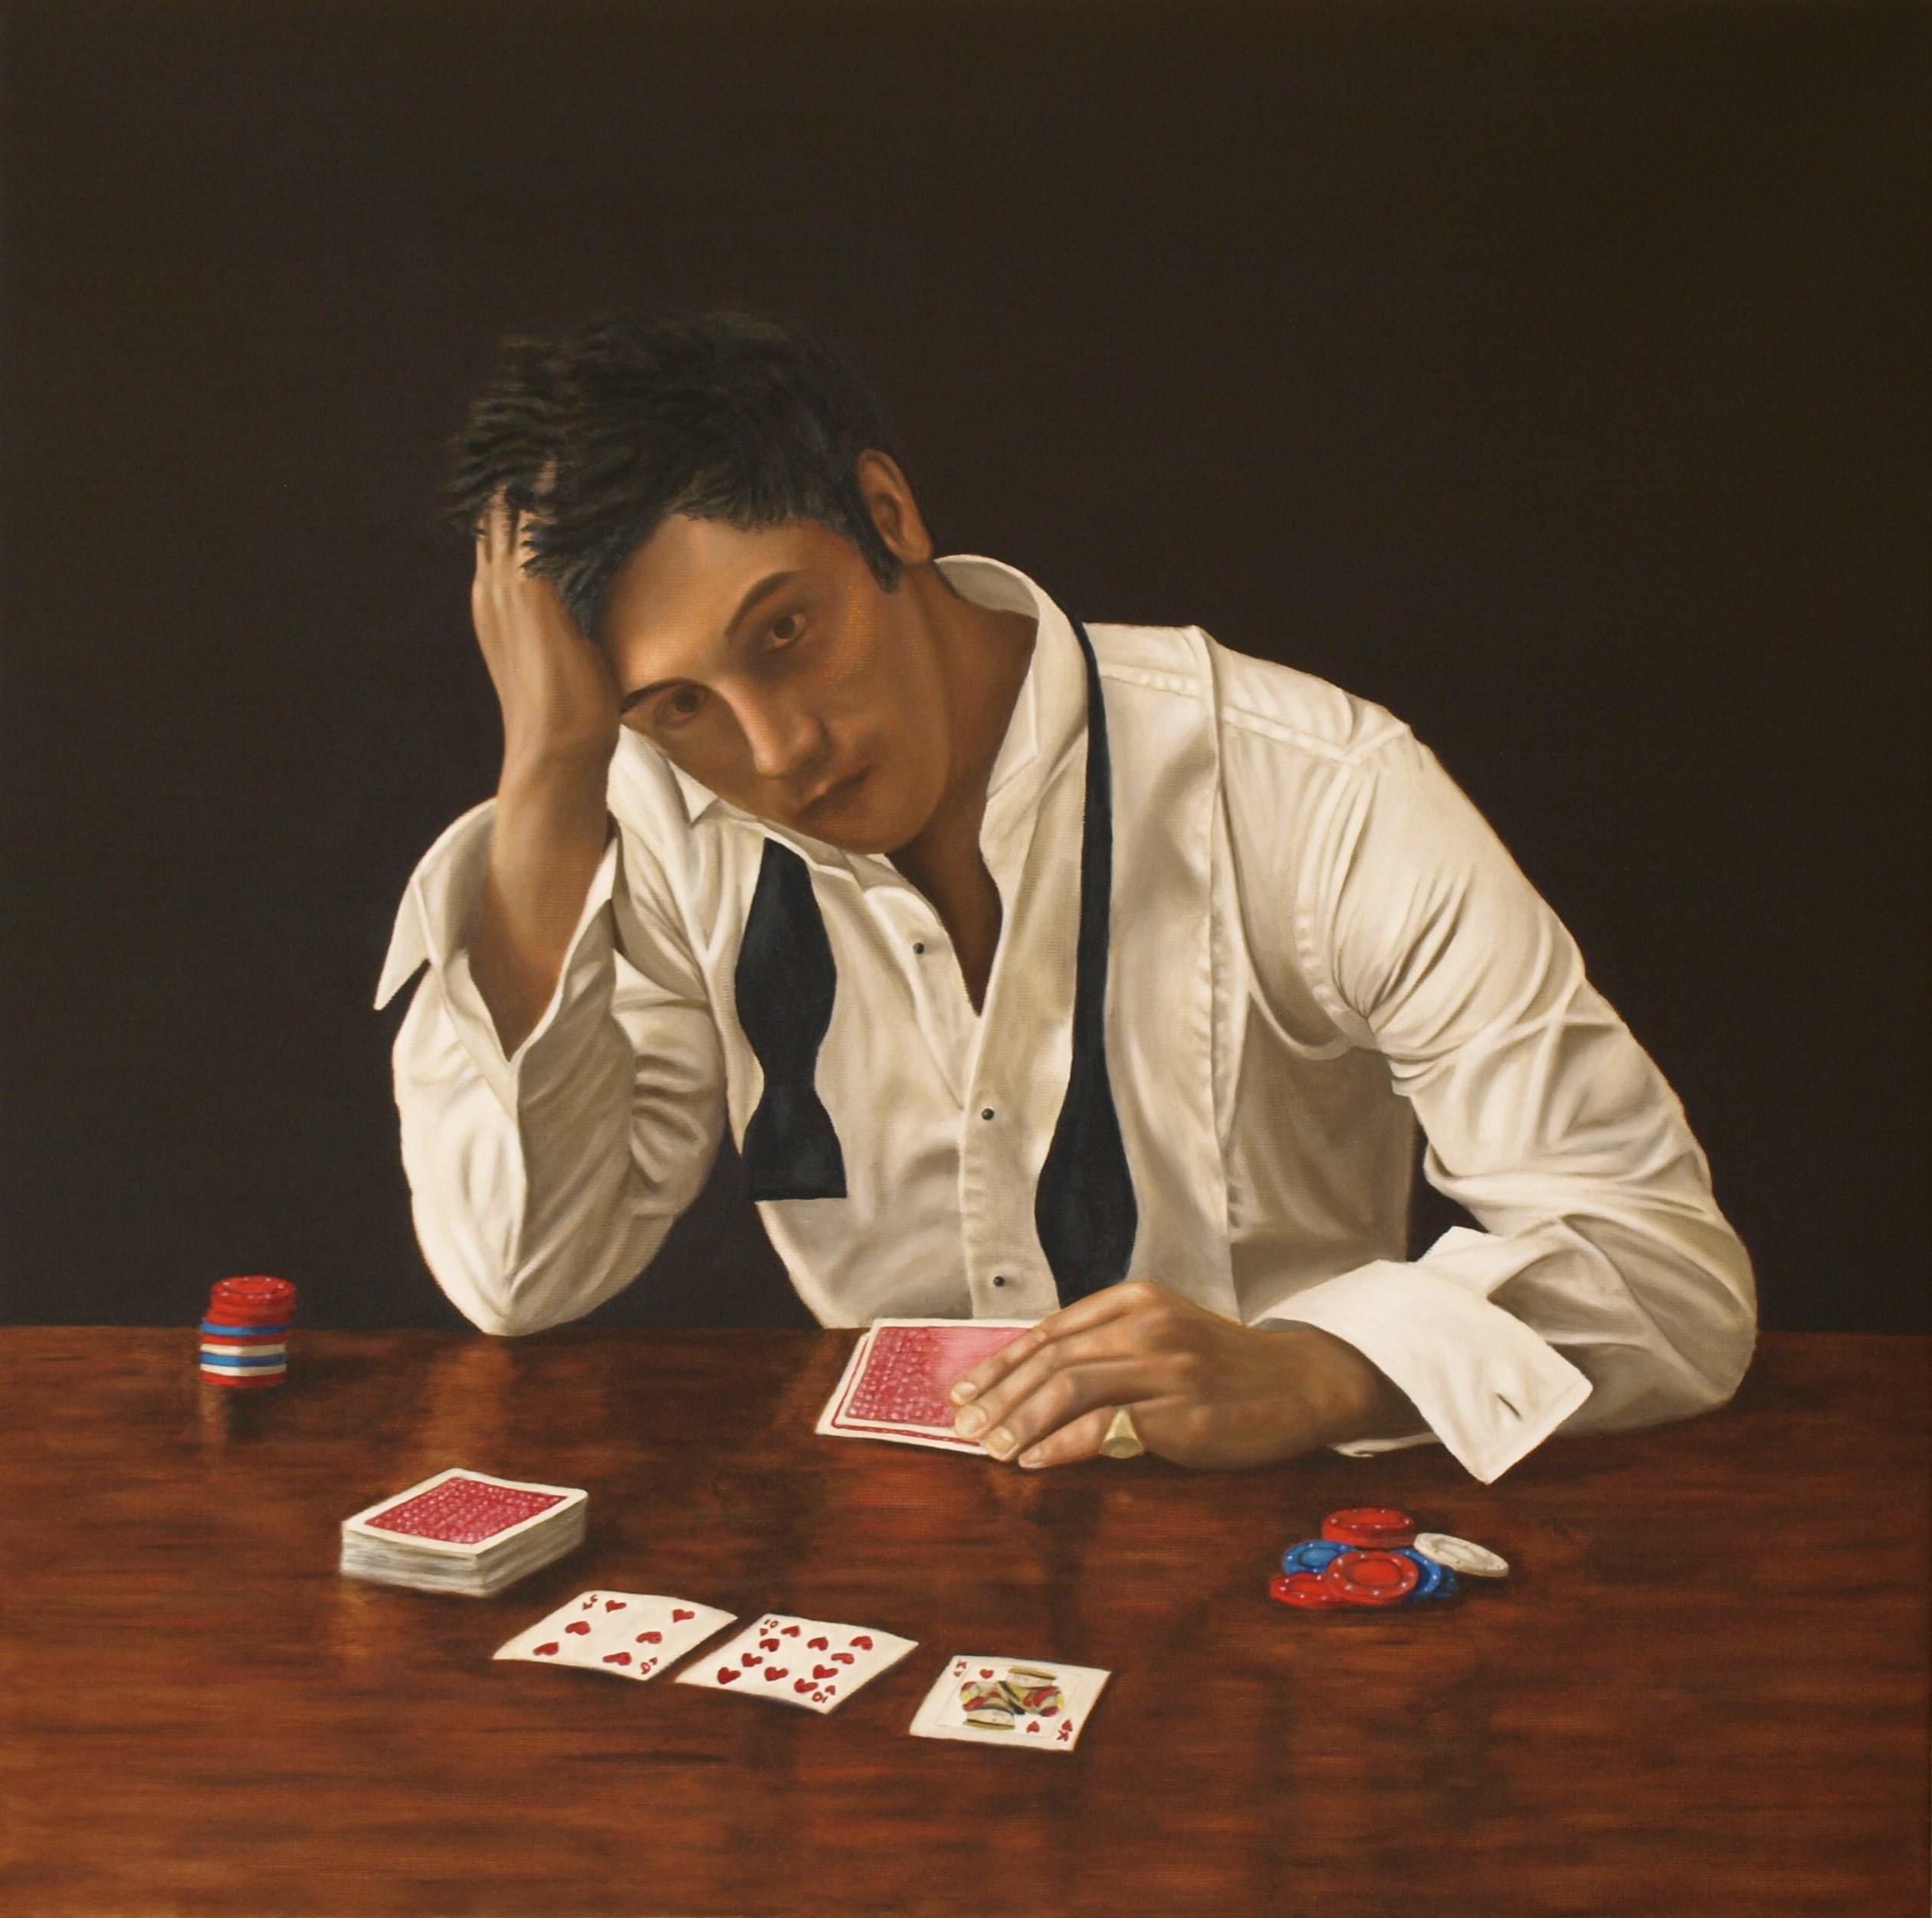 лучше сходите в казино